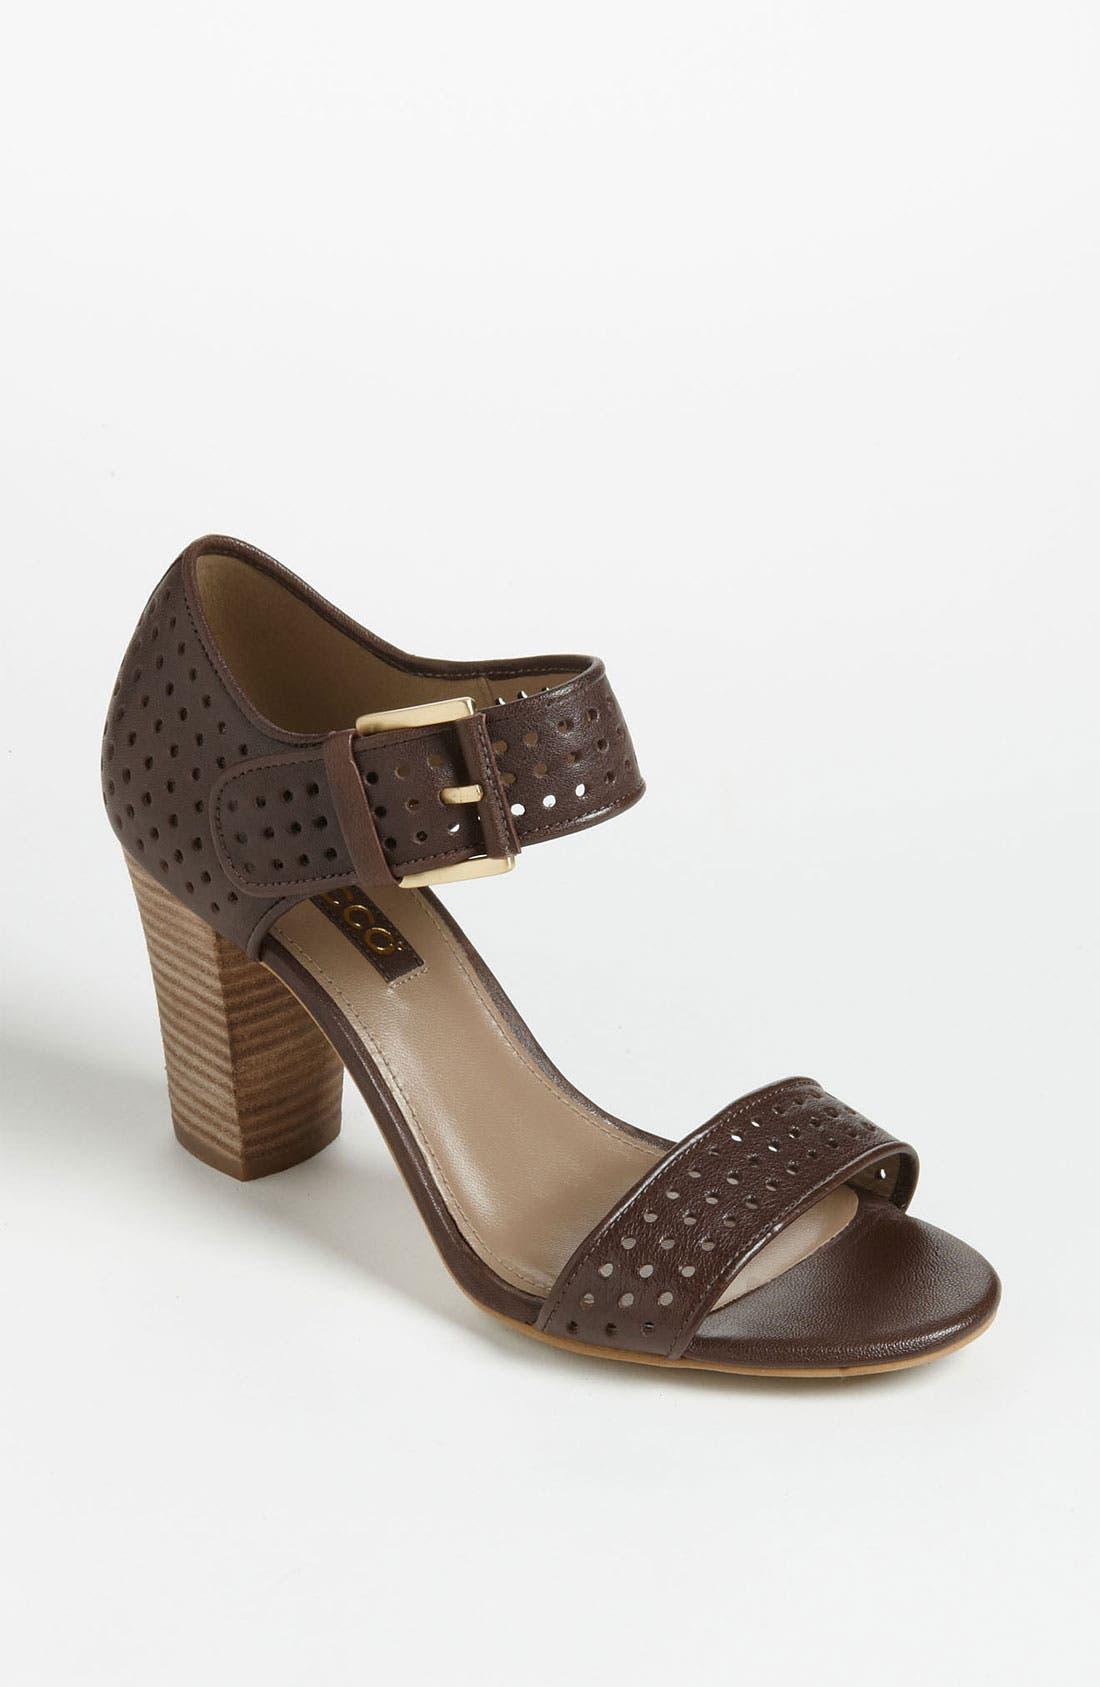 Alternate Image 1 Selected - ECCO 'Omak' Perforated Sandal